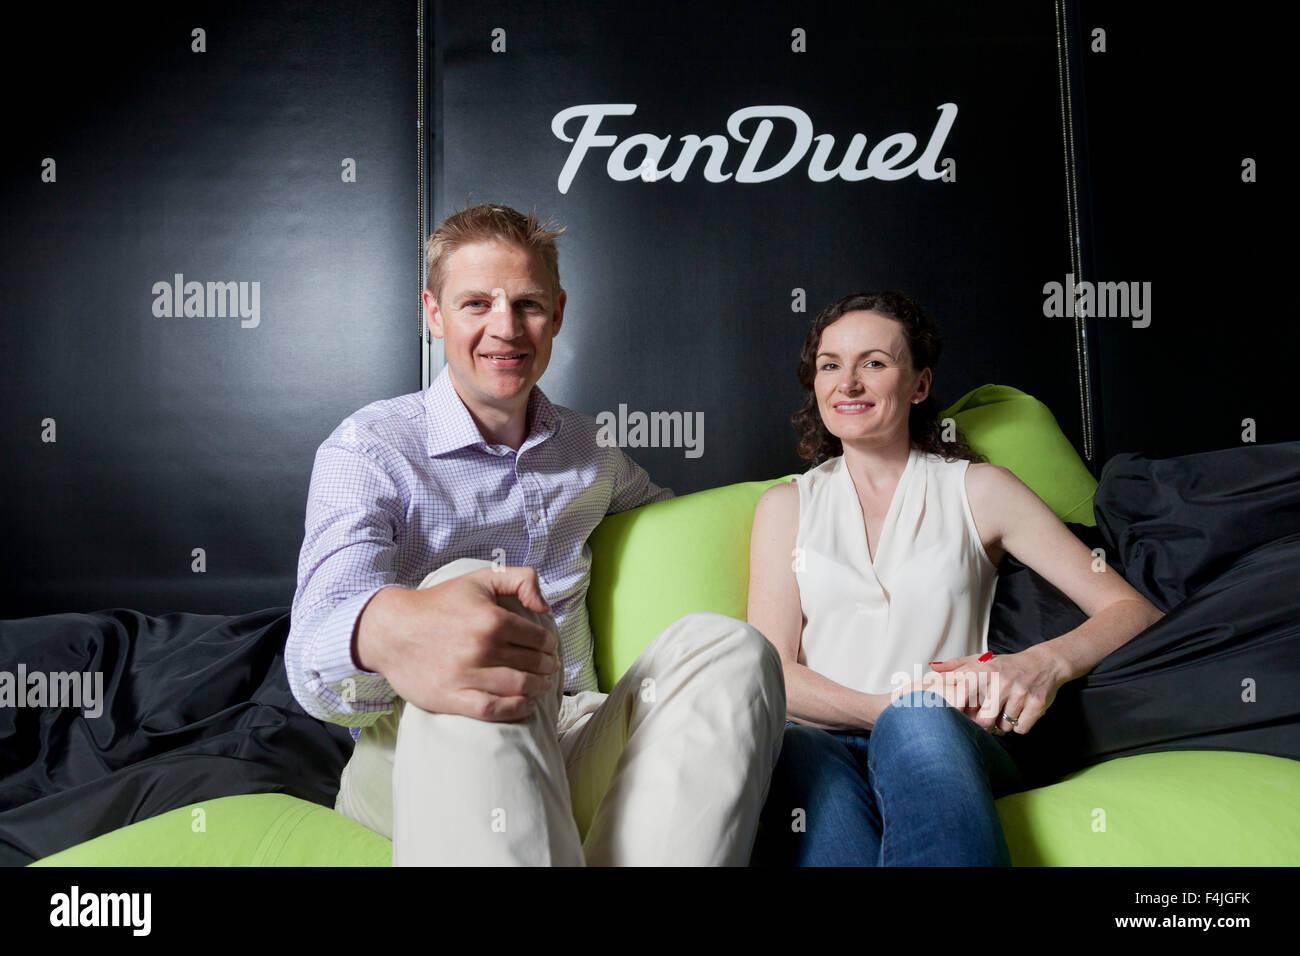 Nigel (izquierda) y Lesley Eccles. Los co-fundadores de Online plataforma de deportes de fantasía, FanDuel. Imagen De Stock